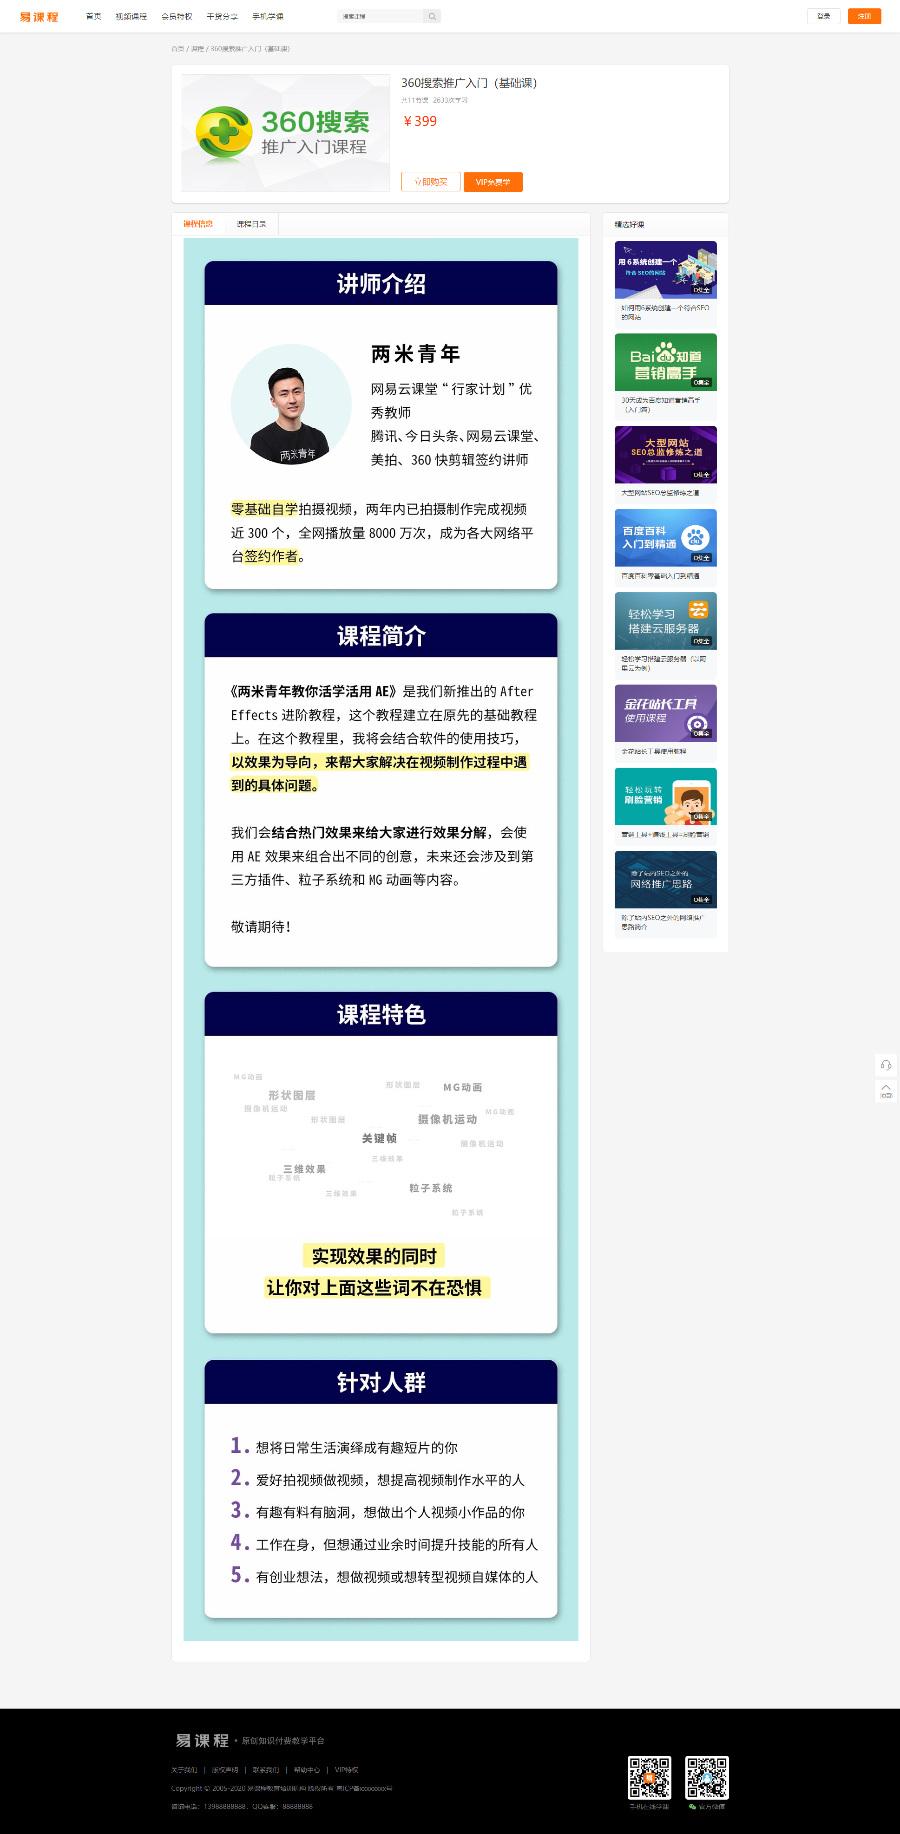 虚拟资源网 赚项目/在线教育源码/知识付费源码/网校系统/集成支付含PC+WAP手机版